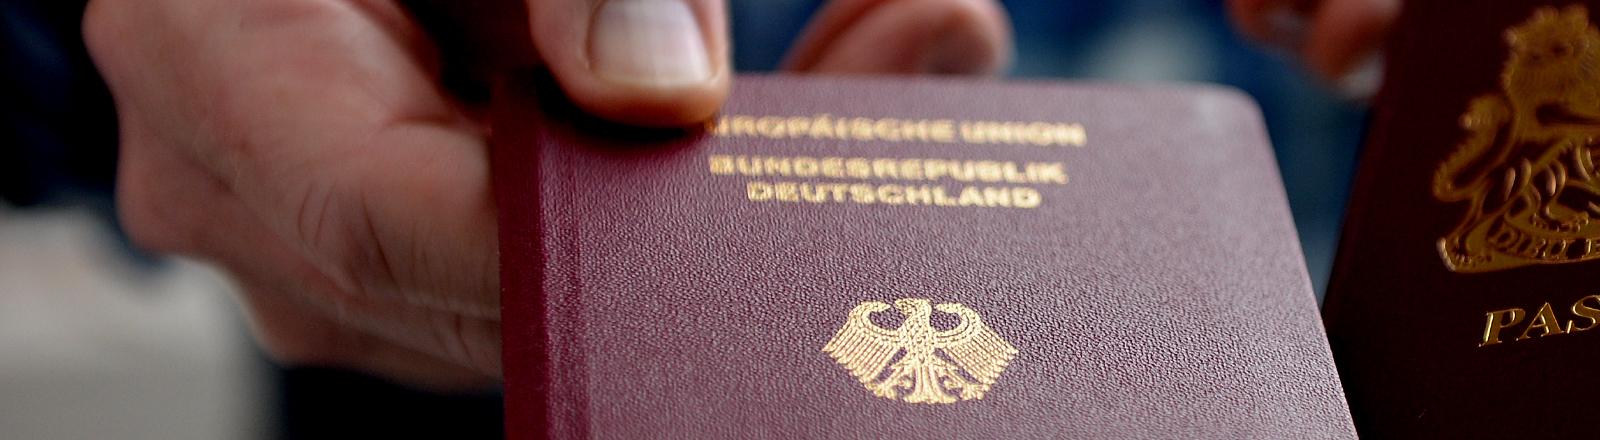 Eine Person hält einen deutschen Reisepass in der Hand.